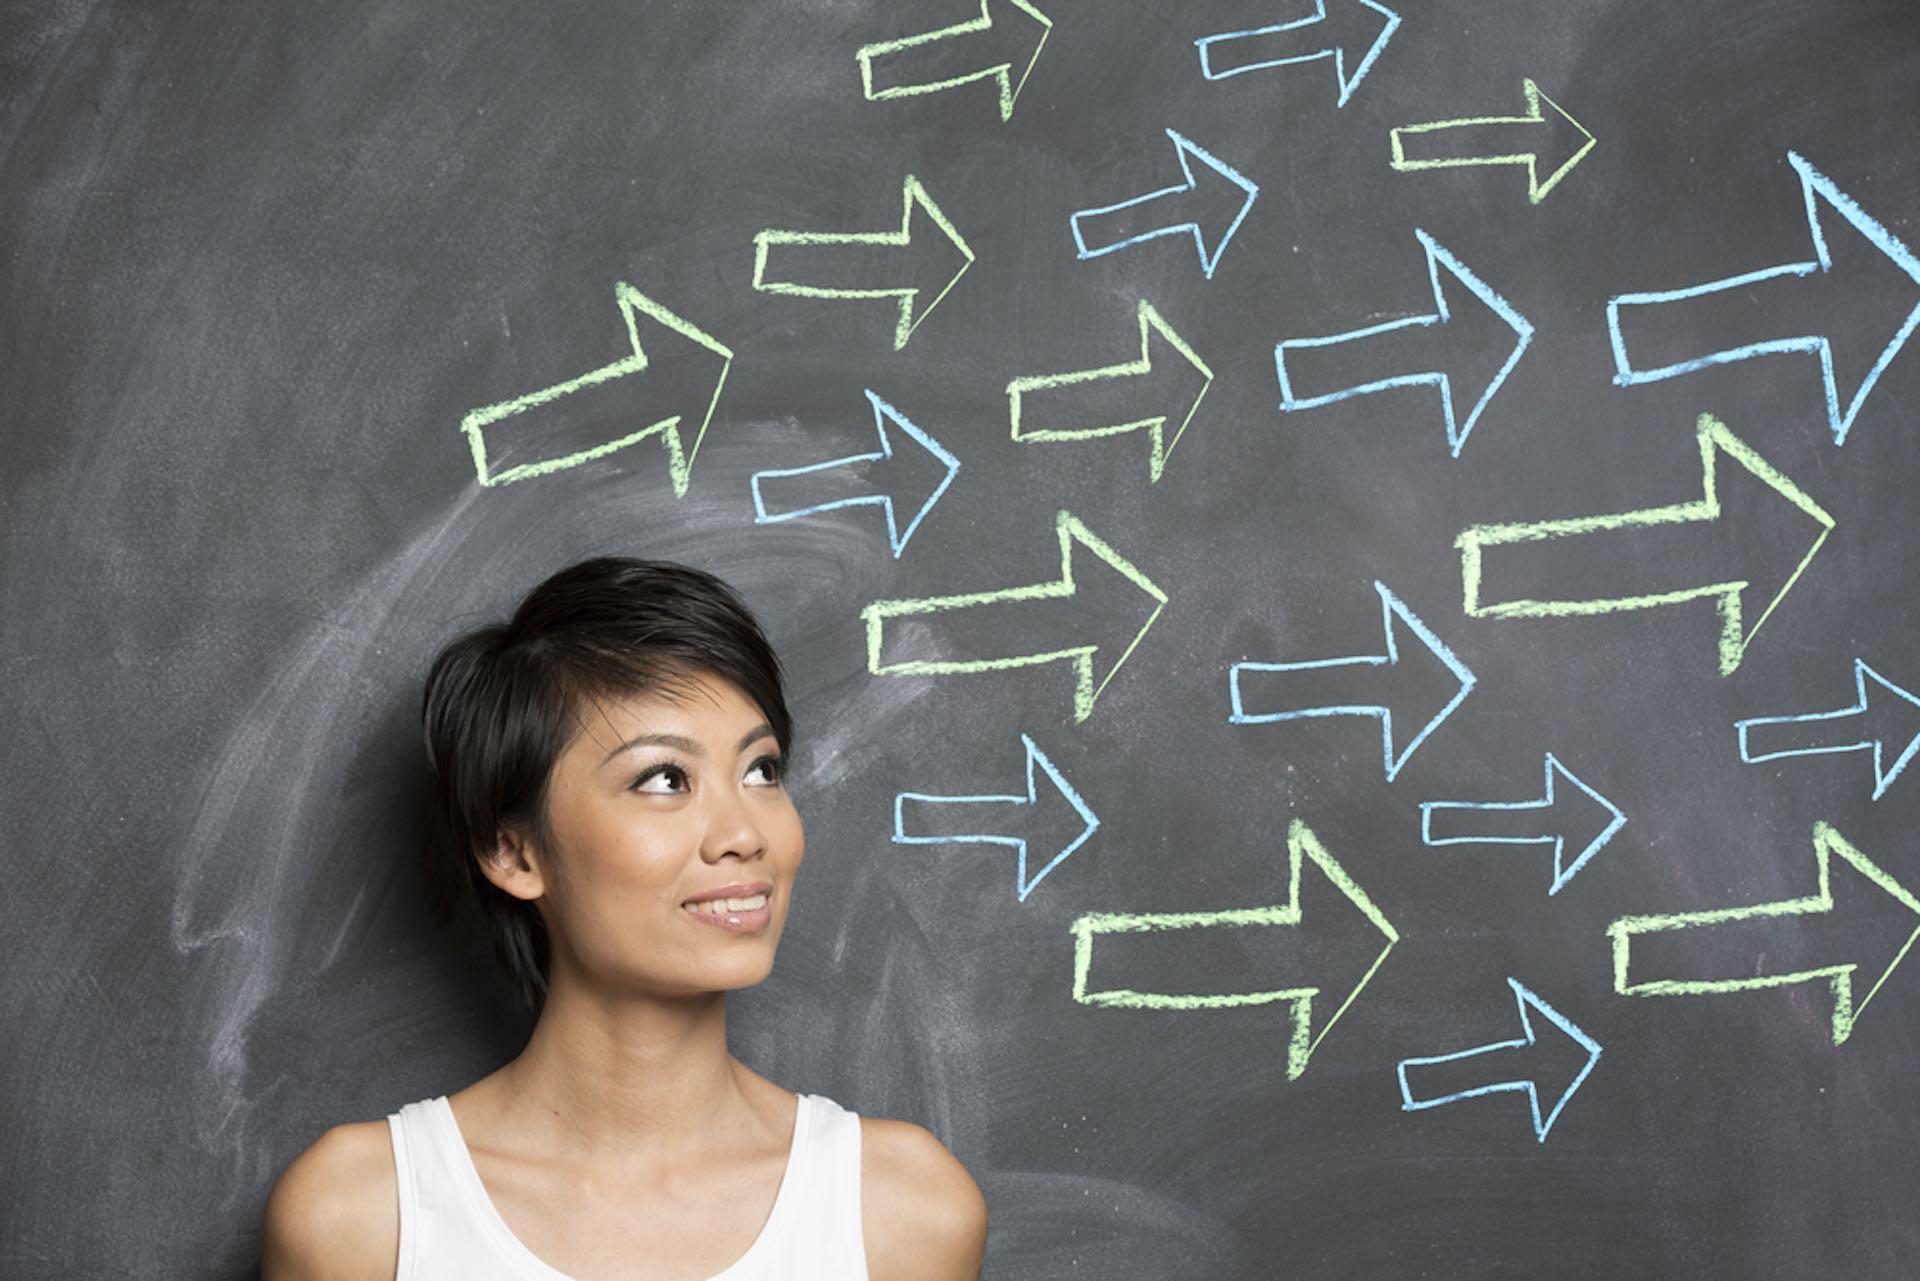 預備你下一階段的能力,避免成為公司的負面資產